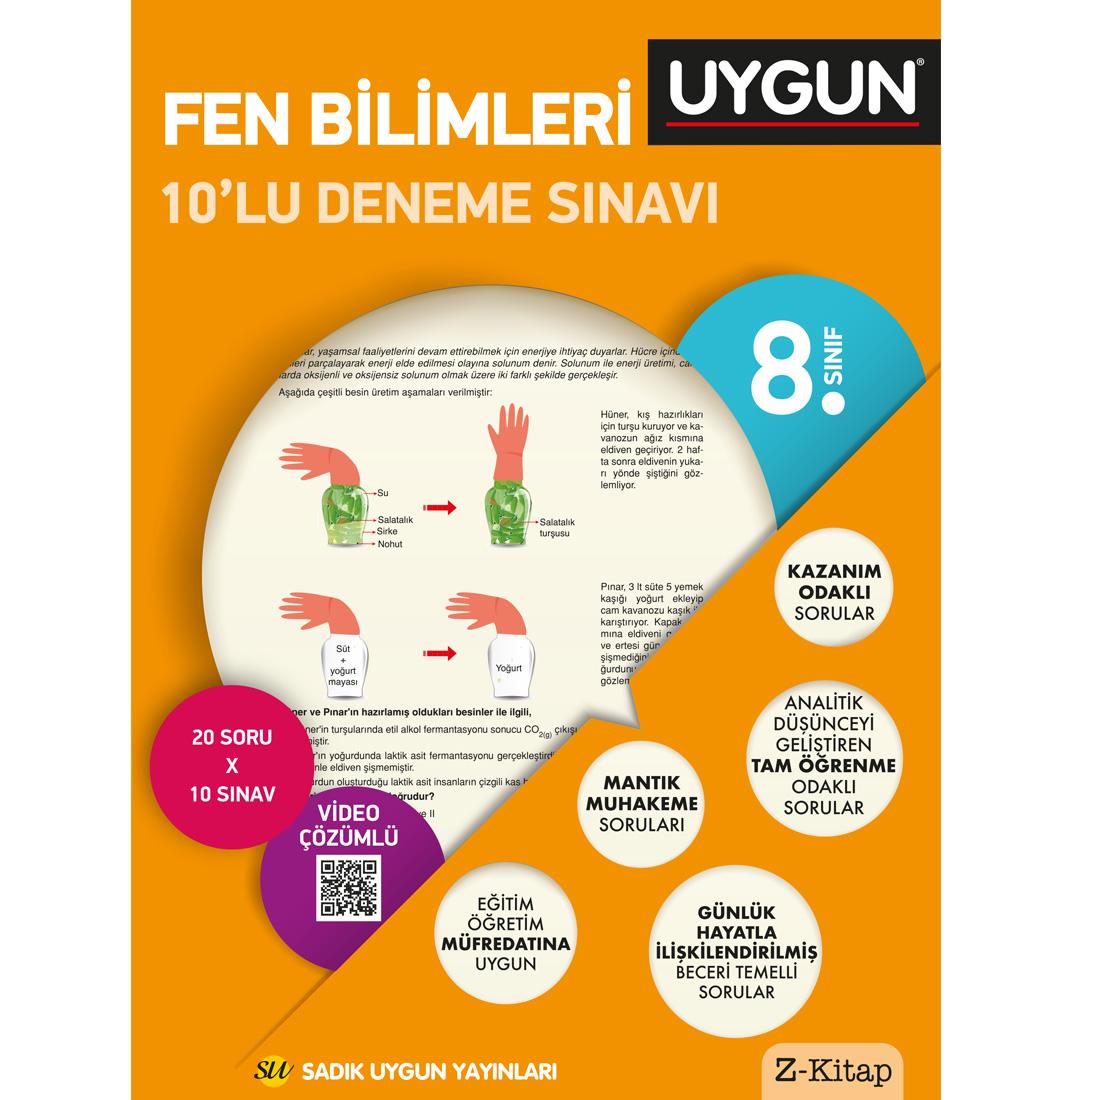 8.Sınıf 8 Deneme Kitabı 10'Lu Fen Bilimleri Sadık Uygun Yayınları